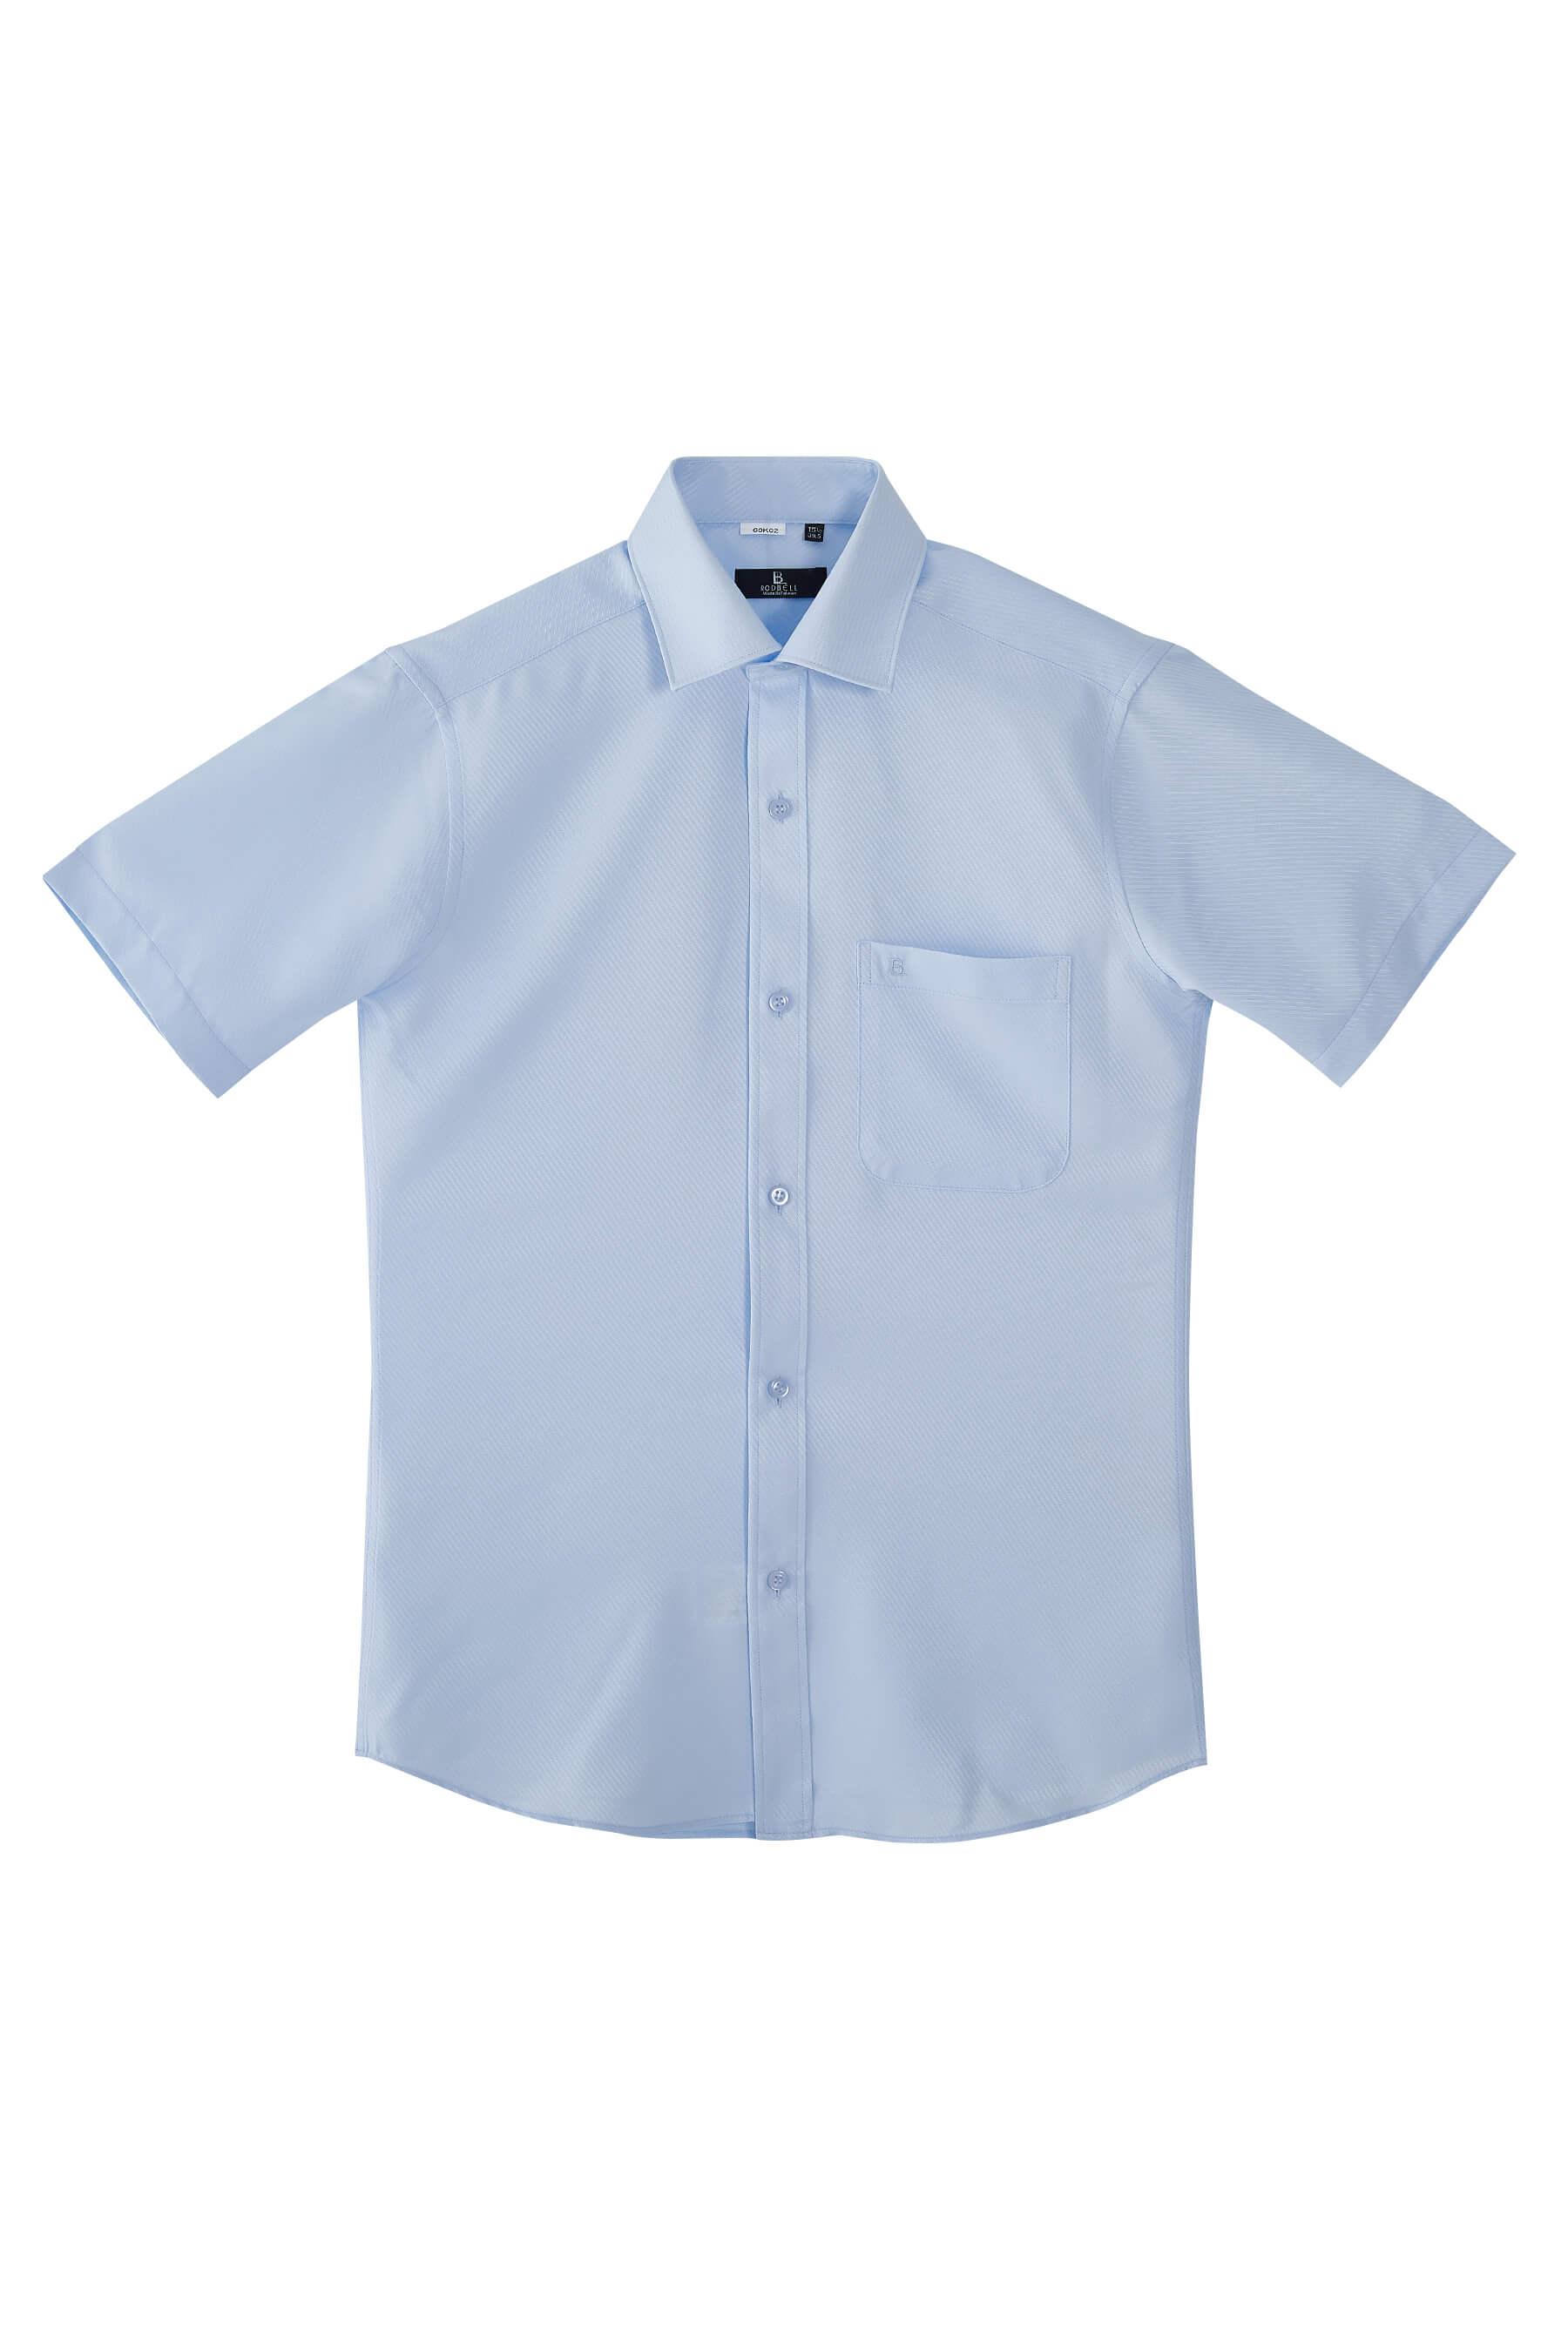 水藍色雙斜紋短袖襯衫/抗皺 吸濕排汗